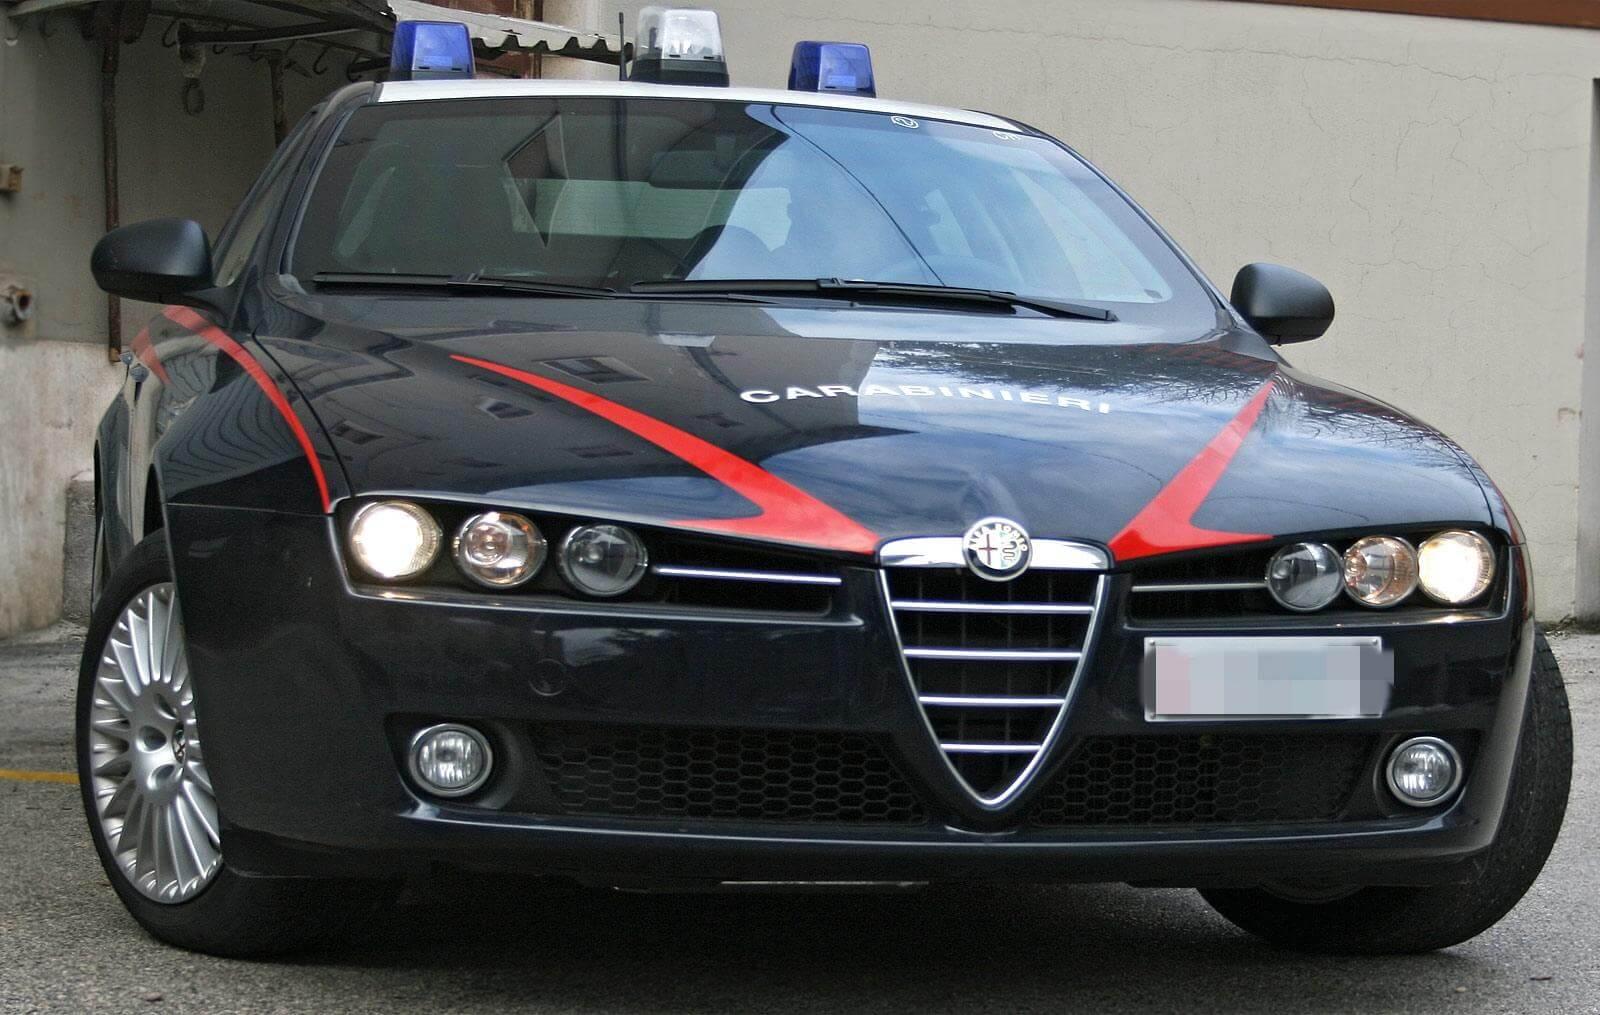 Spaccio di droga, arrestato ad Empoli